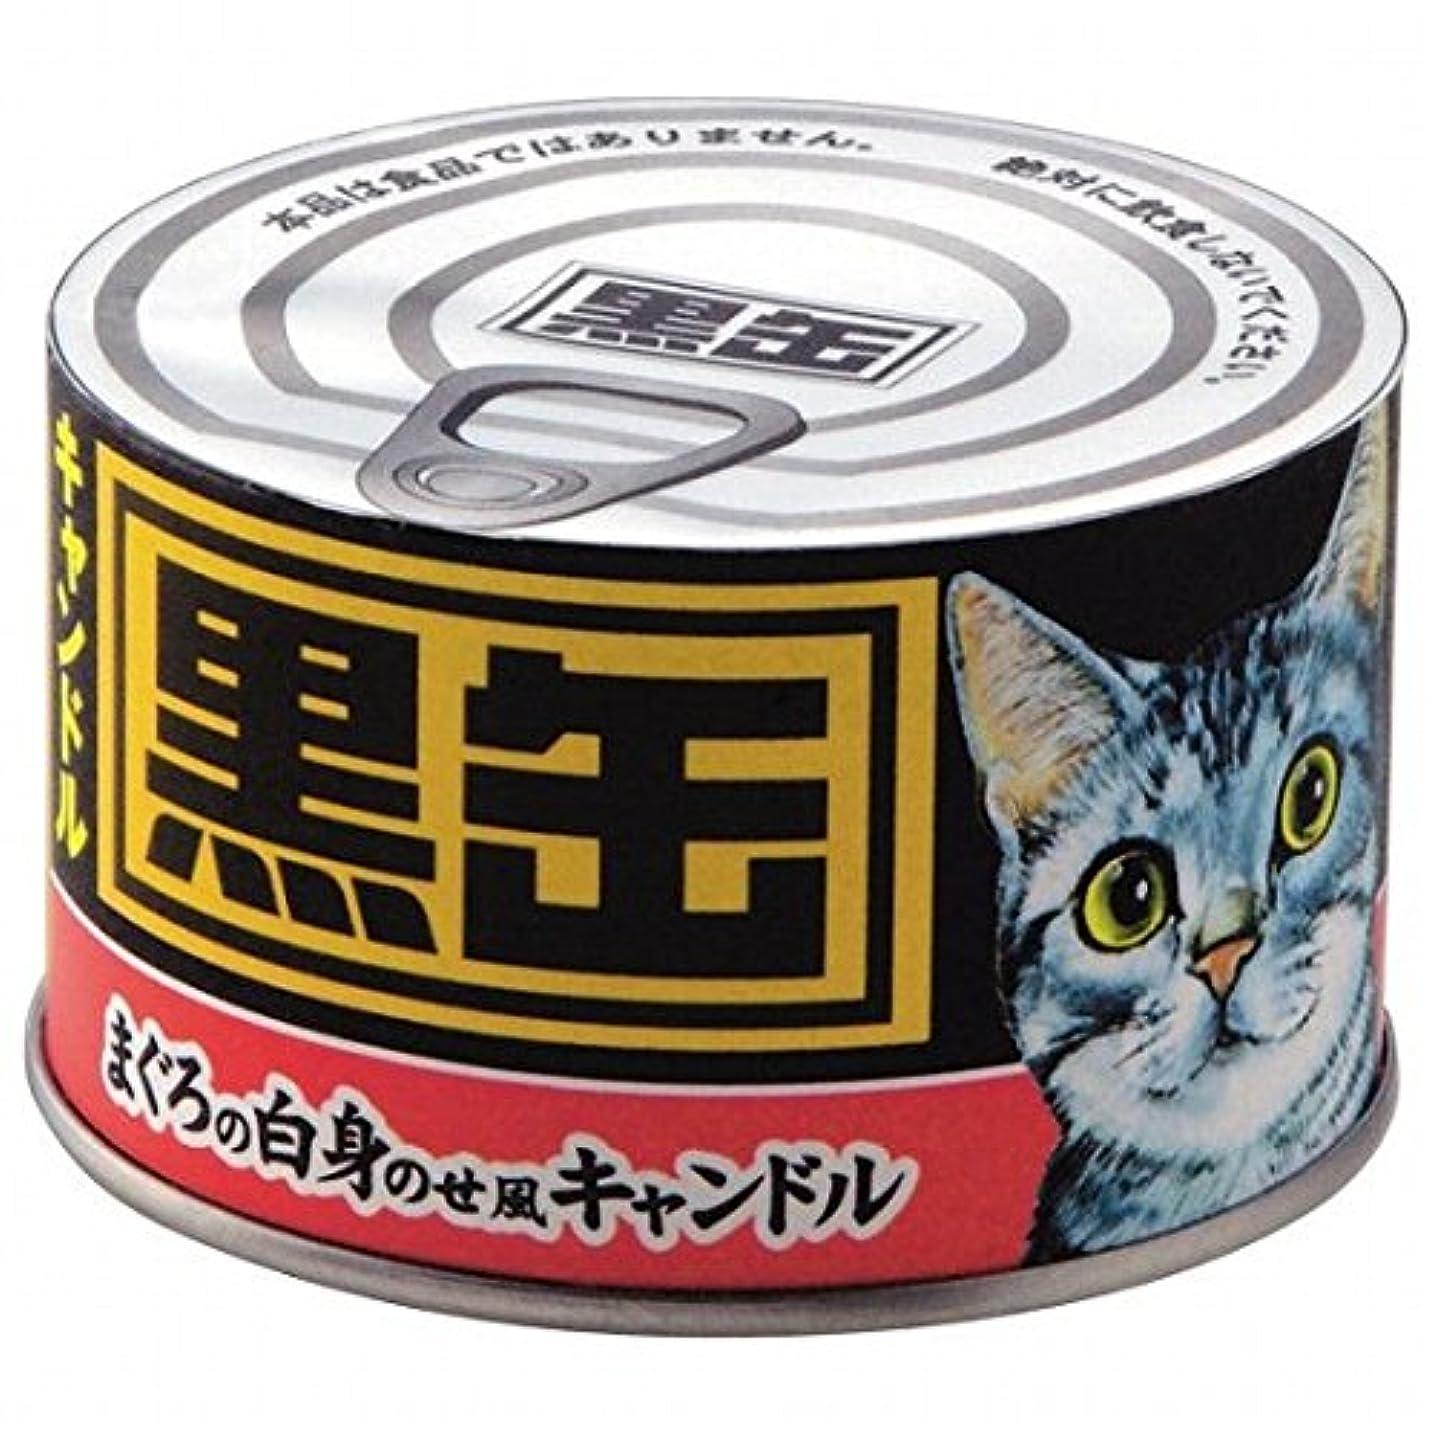 望む不健康マルクス主義者カメヤマキャンドル( kameyama candle ) 黒缶キャンドル